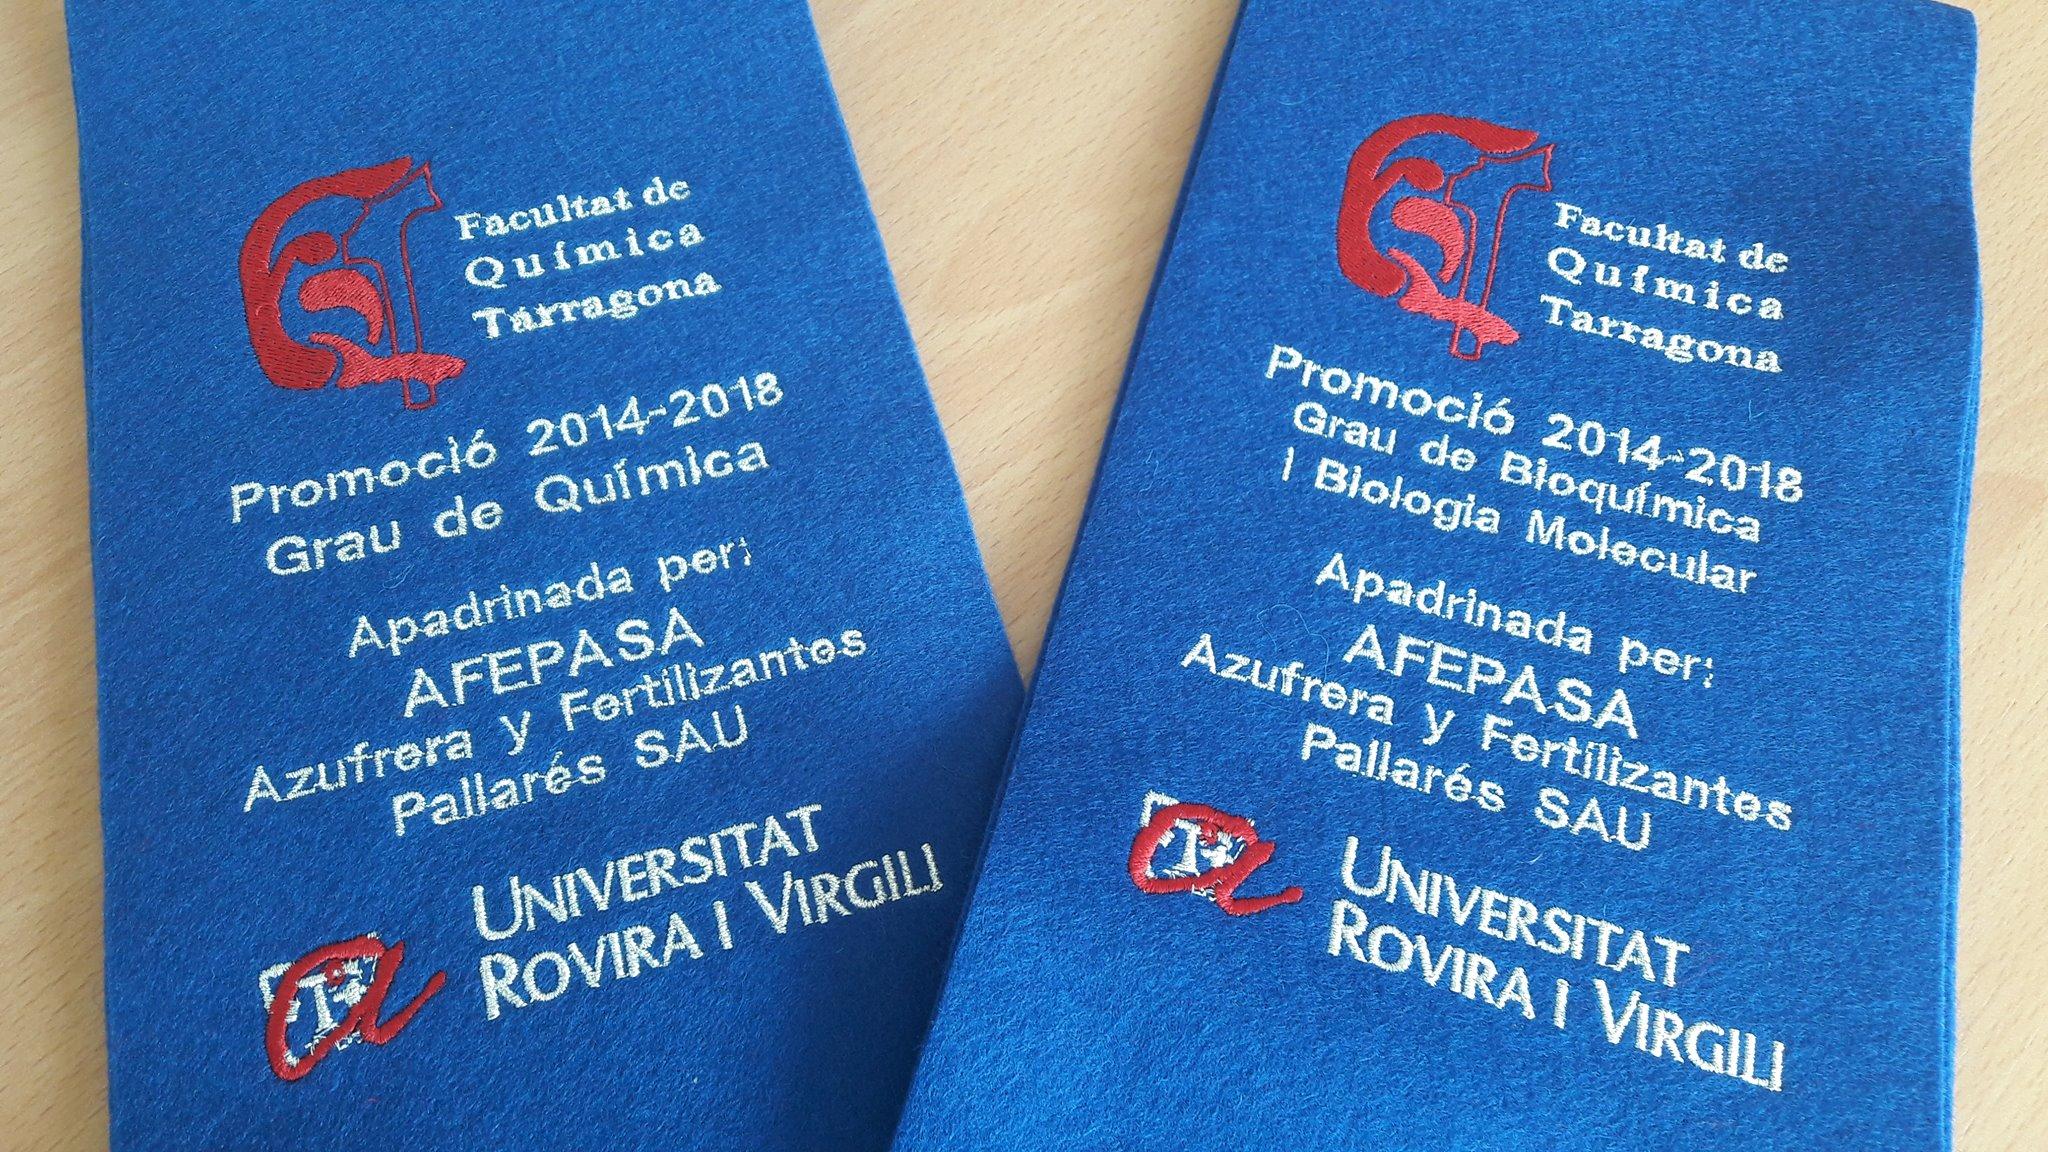 L'AFEPASA parraine les promotions 2014 - 2018 de la Faculté de Chimie.